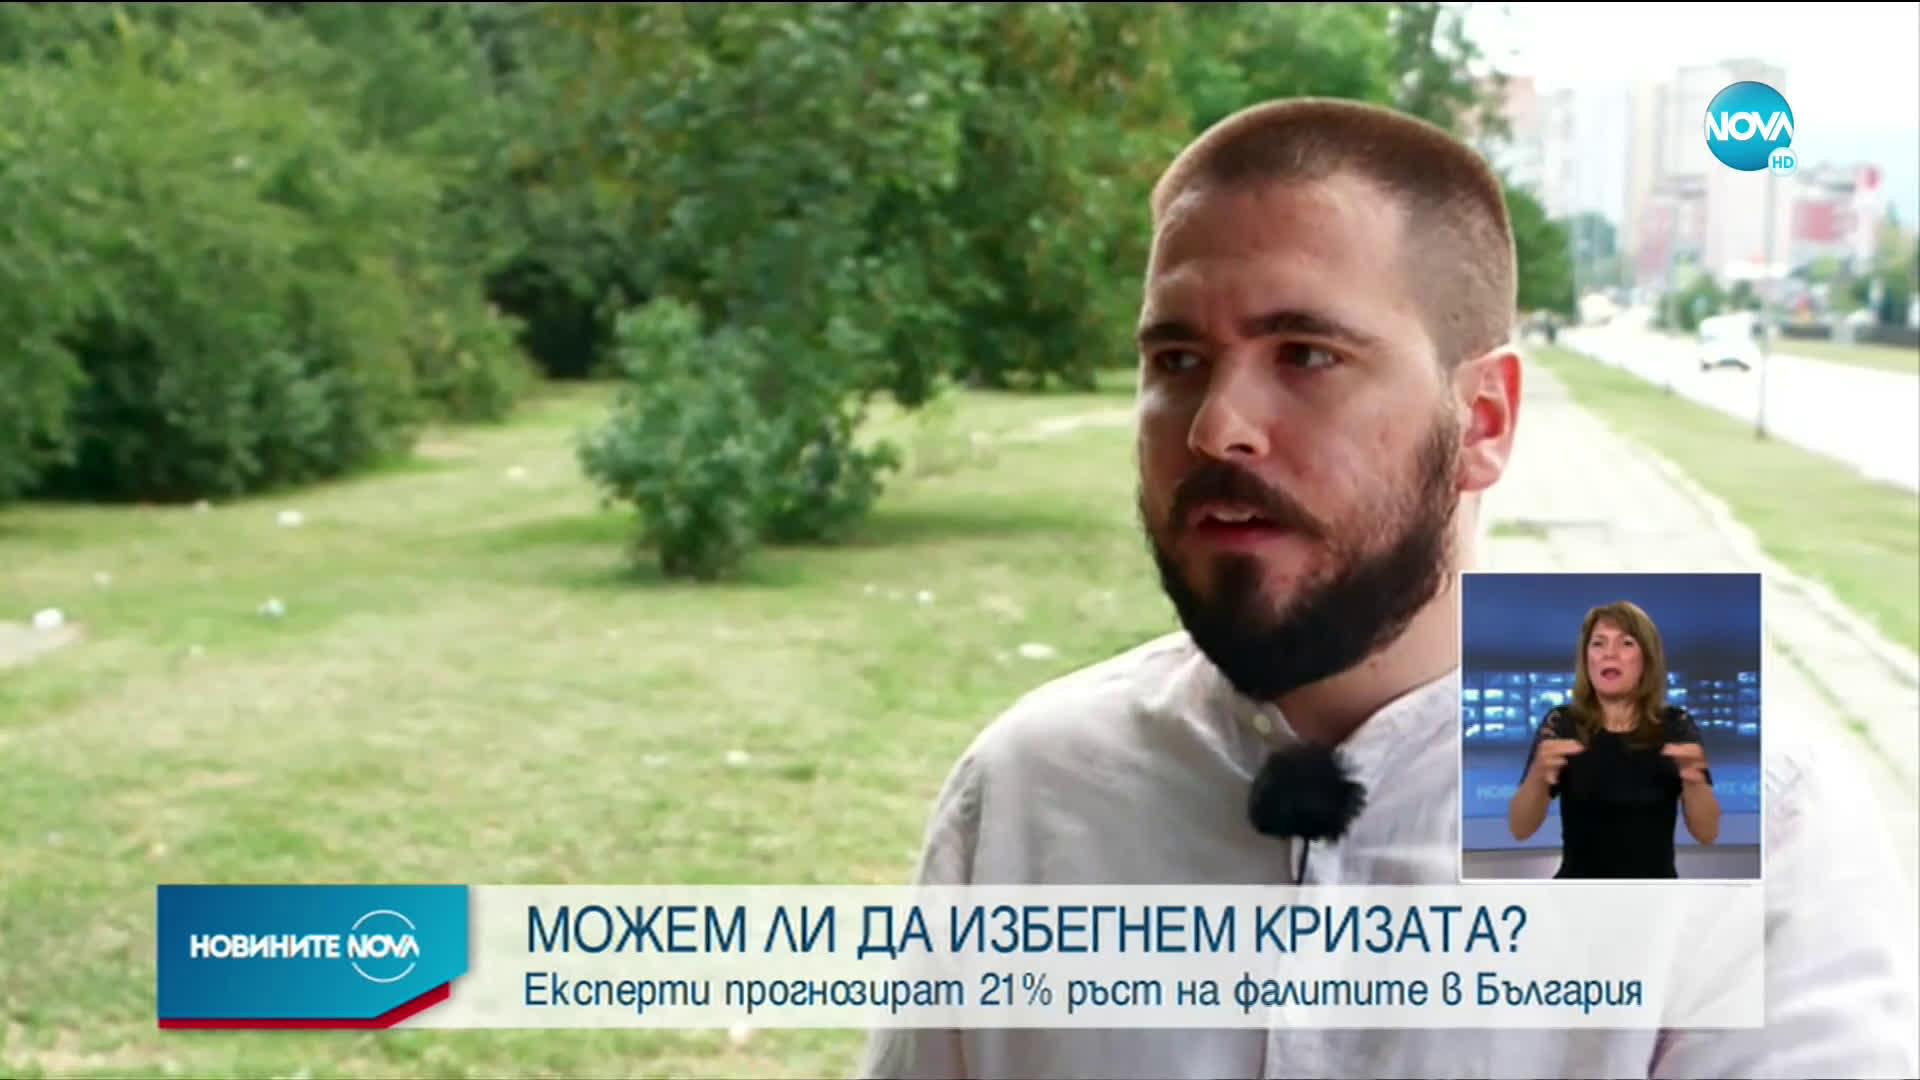 Експерти прогнозират 21% ръст на фалитите в България